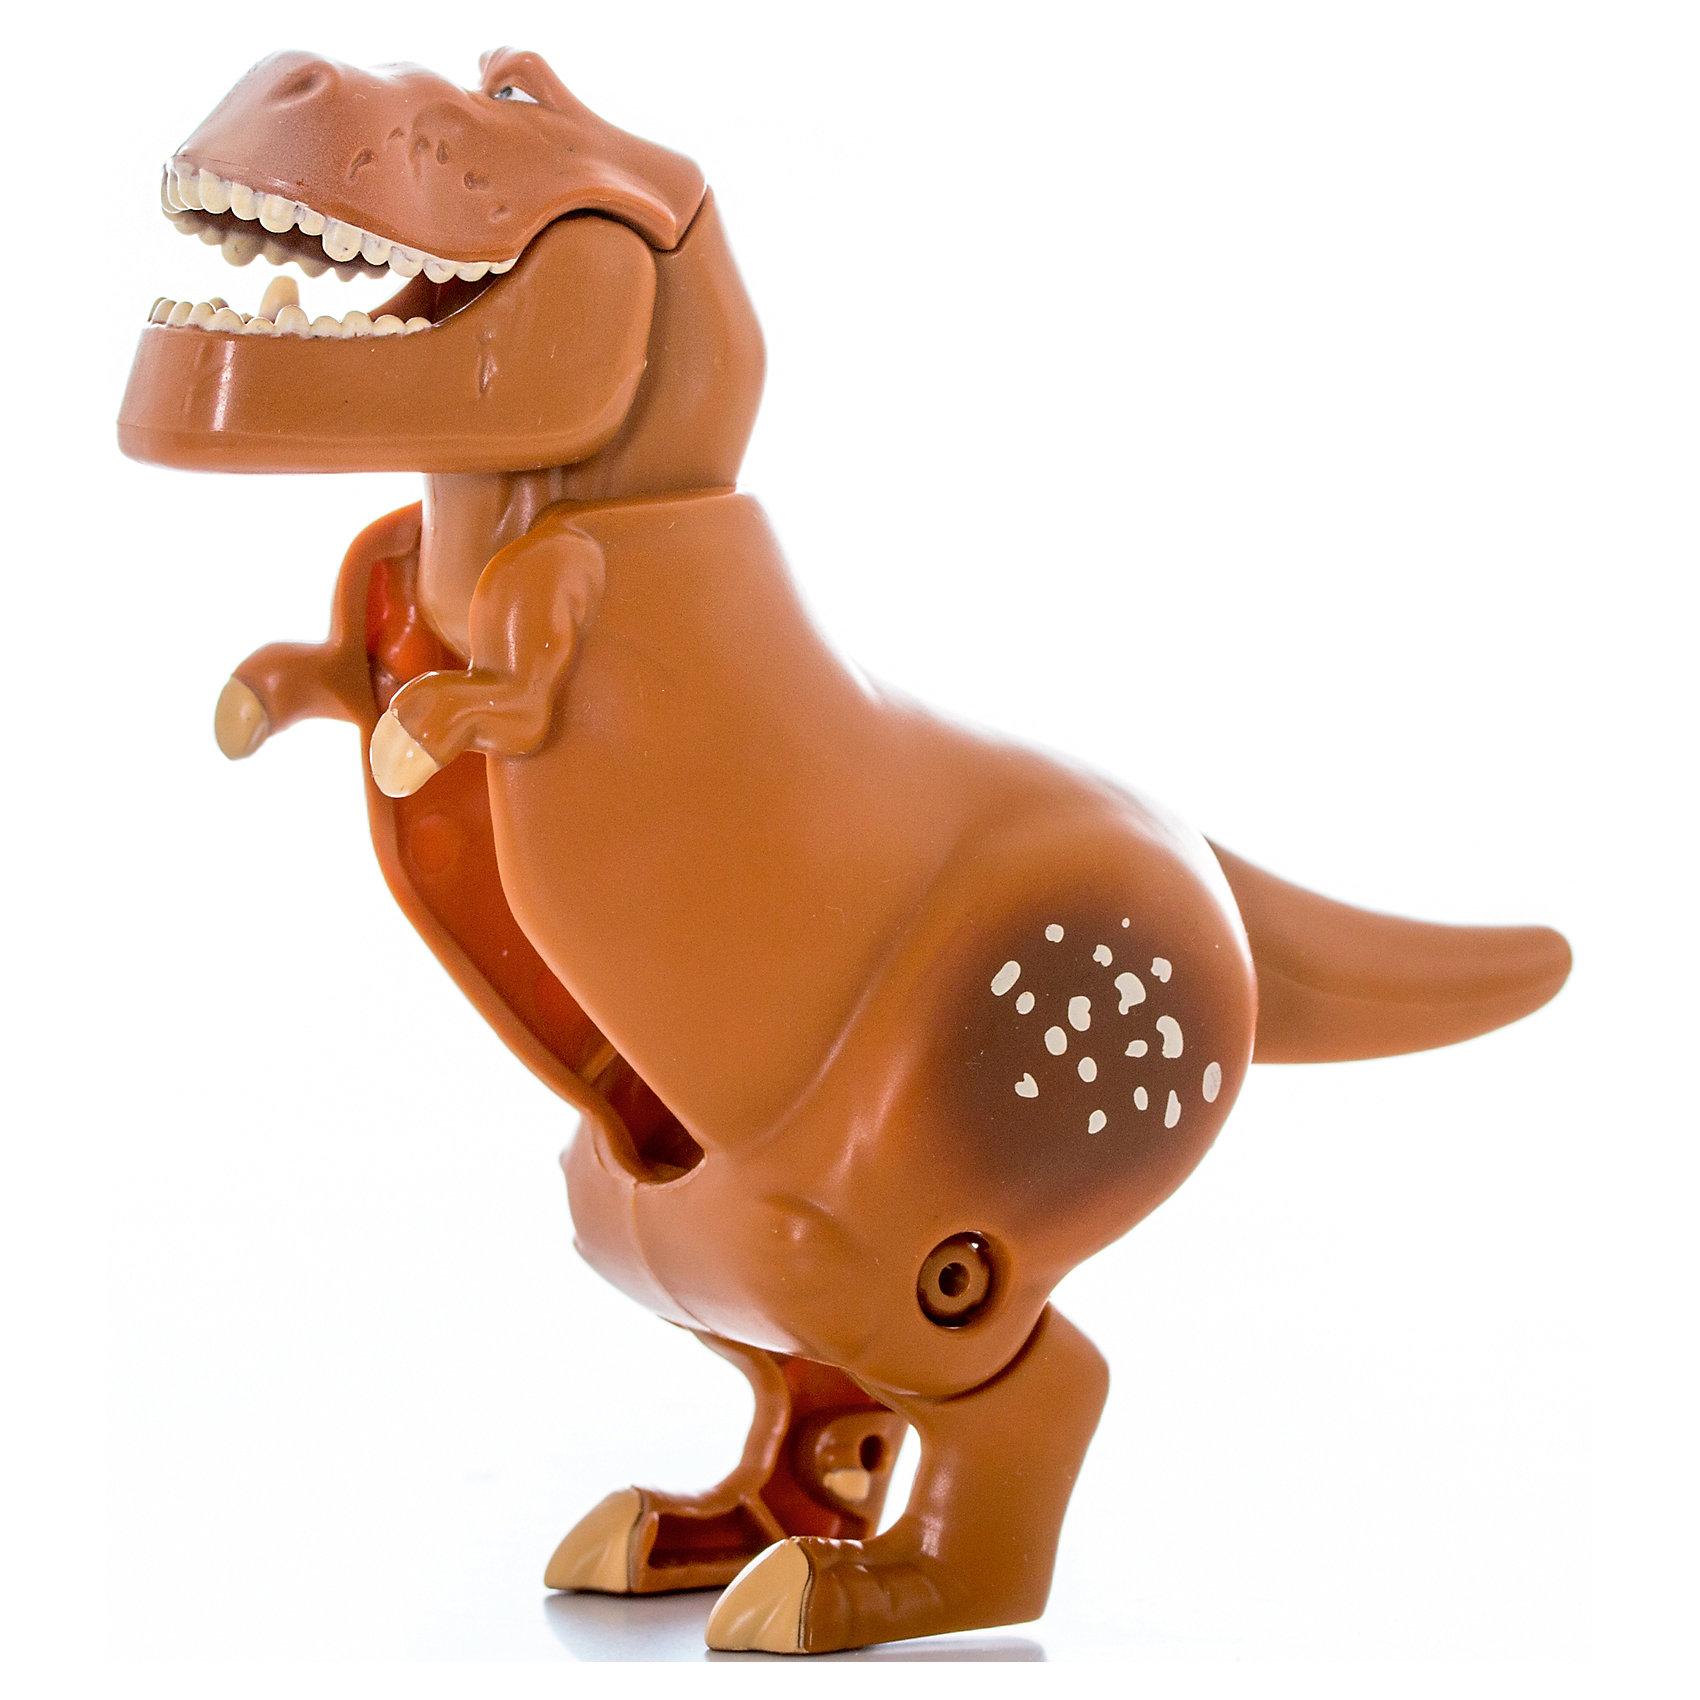 Яйцо-трансформер Бур,  Хороший динозавр, EggStarsКоллекционные и игровые фигурки<br>Благодаря яйцу-трансформеру Ваш ребенок сможет ловко сделать себе динозавра Бура из мультфильма Хороший динозавр<br><br>Порадуйте Вашего ребенка таким замечательным подарком!<br><br>Дополнительная информация:<br><br>- Возраст: от 3 лет.<br>- Материал: пластик.<br>- Размер упаковки: 17х6х8 см.<br><br>Купить яйцо-трансформер Бур из мультфильма Хороший динозавр, можно в нашем магазине.<br><br>Ширина мм: 80<br>Глубина мм: 60<br>Высота мм: 170<br>Вес г: 67<br>Возраст от месяцев: 48<br>Возраст до месяцев: 144<br>Пол: Унисекс<br>Возраст: Детский<br>SKU: 4929050